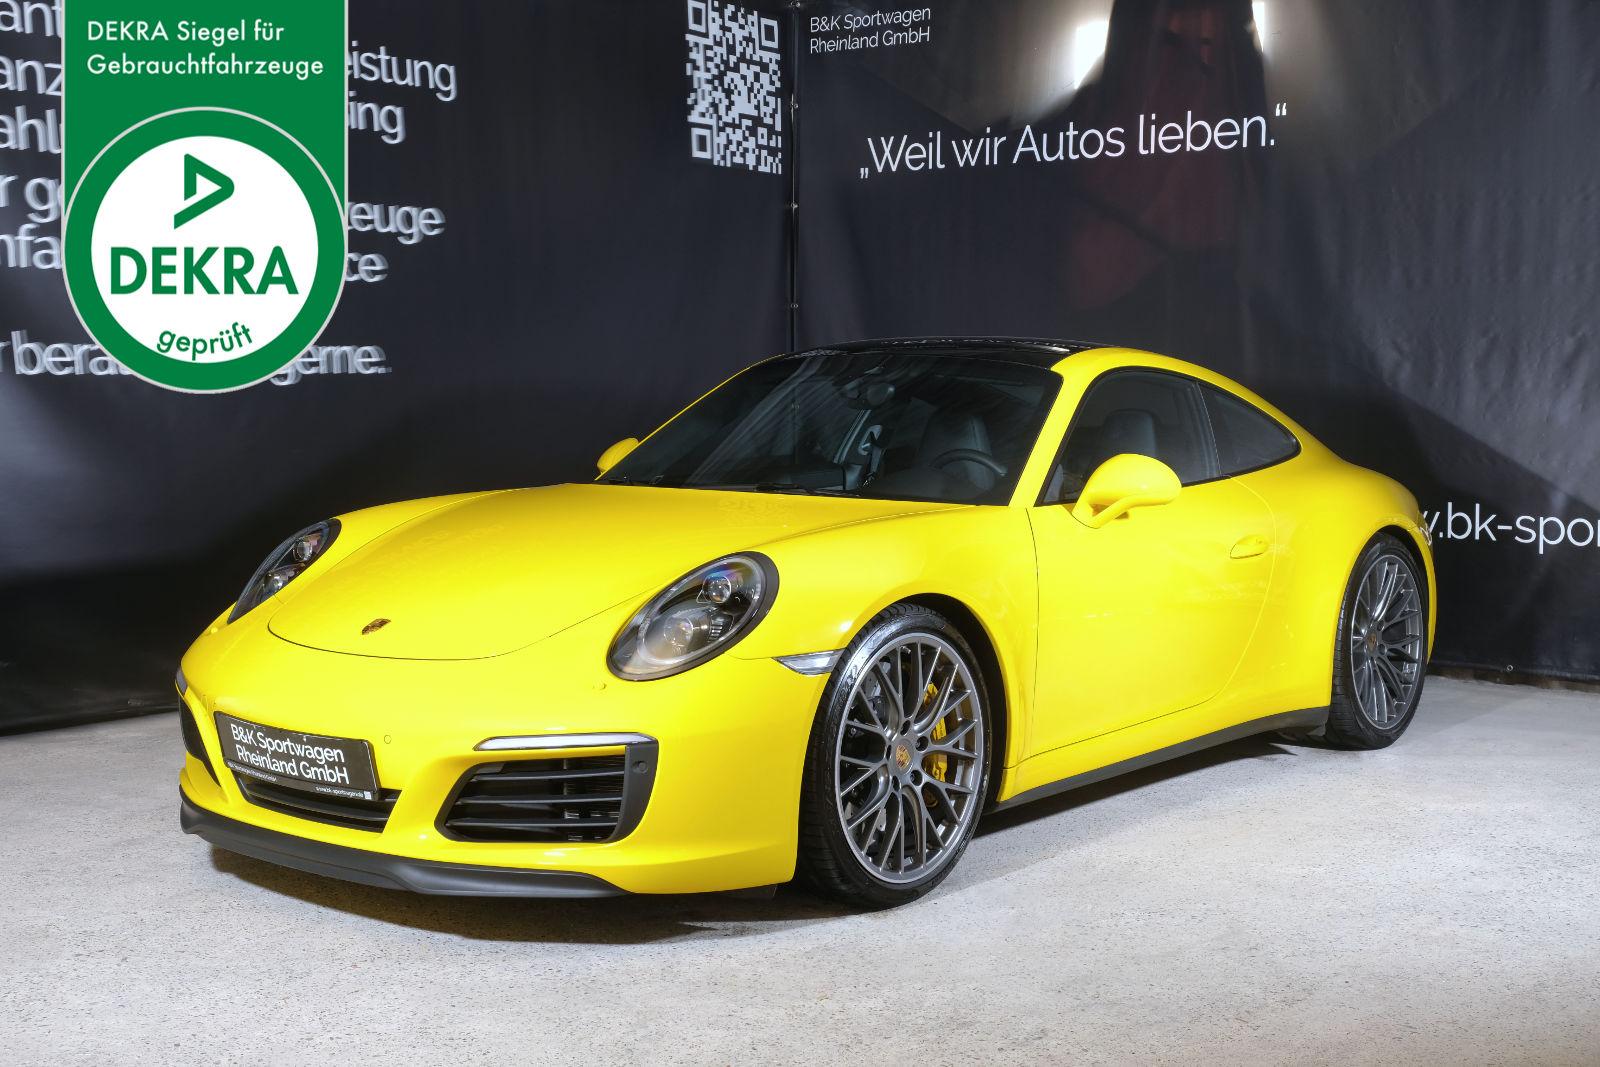 Porsche_991.2_C4S_Gelb_Schwarz_POR-2443_Plakette_w